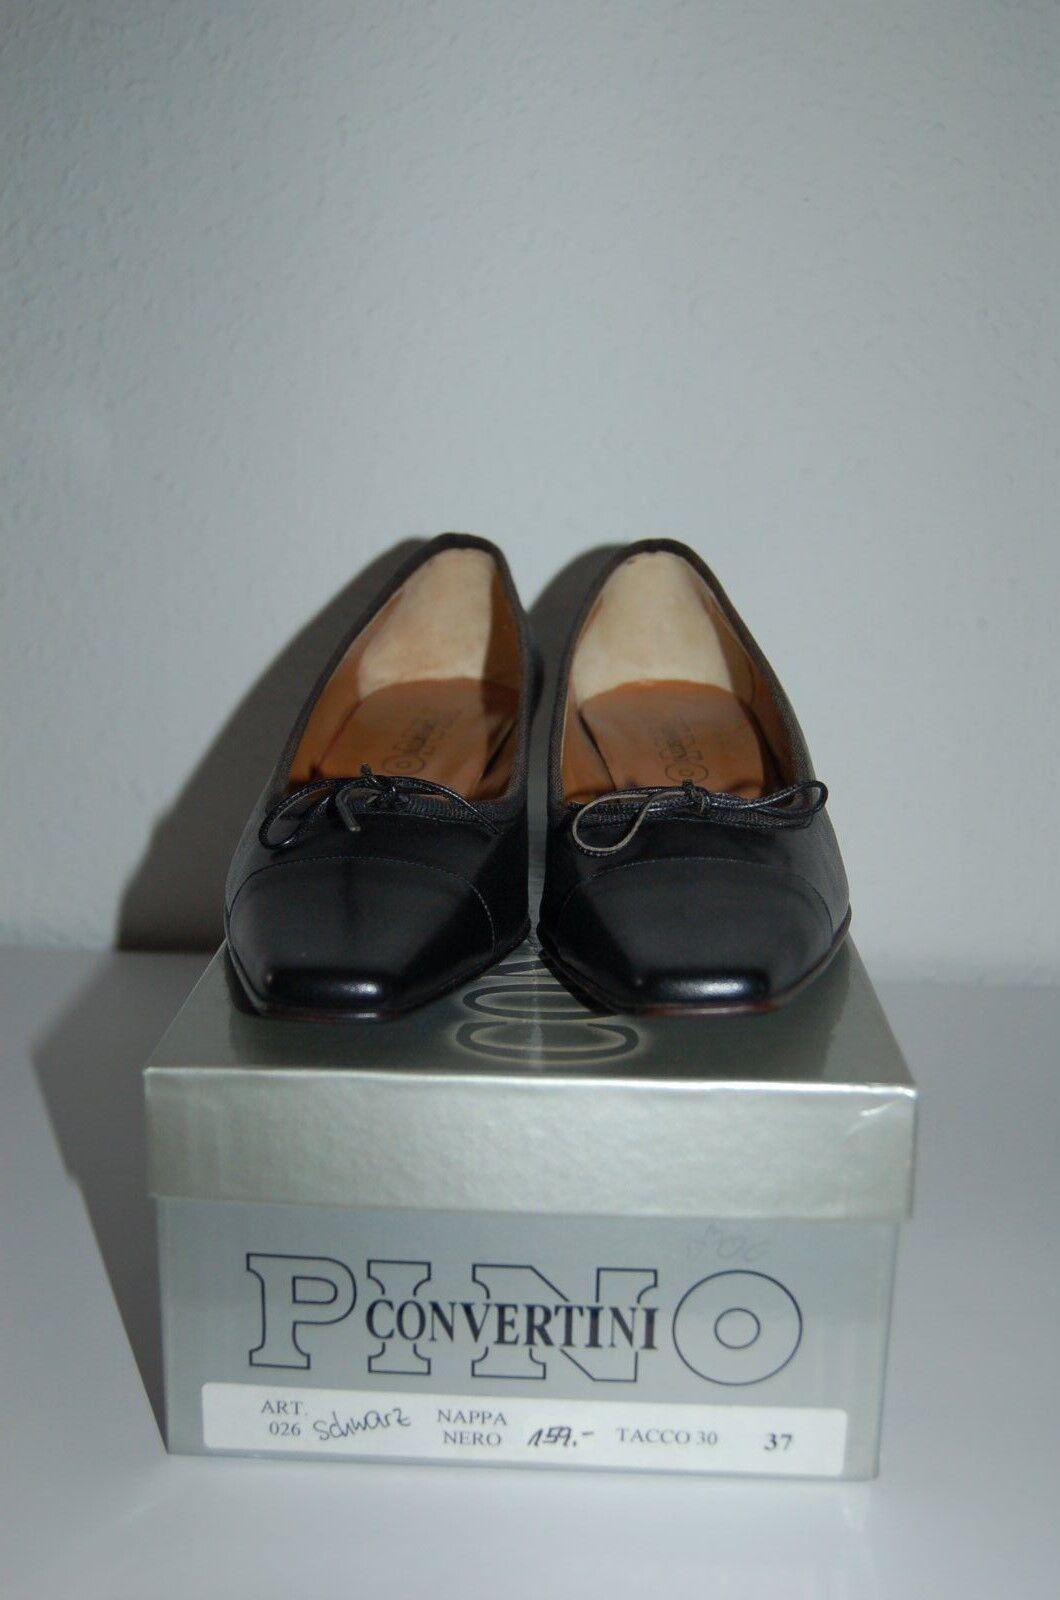 PINO CONGrünINI - Pumps schwarz - Gr. 37 + 40,5  | Diversified In Packaging